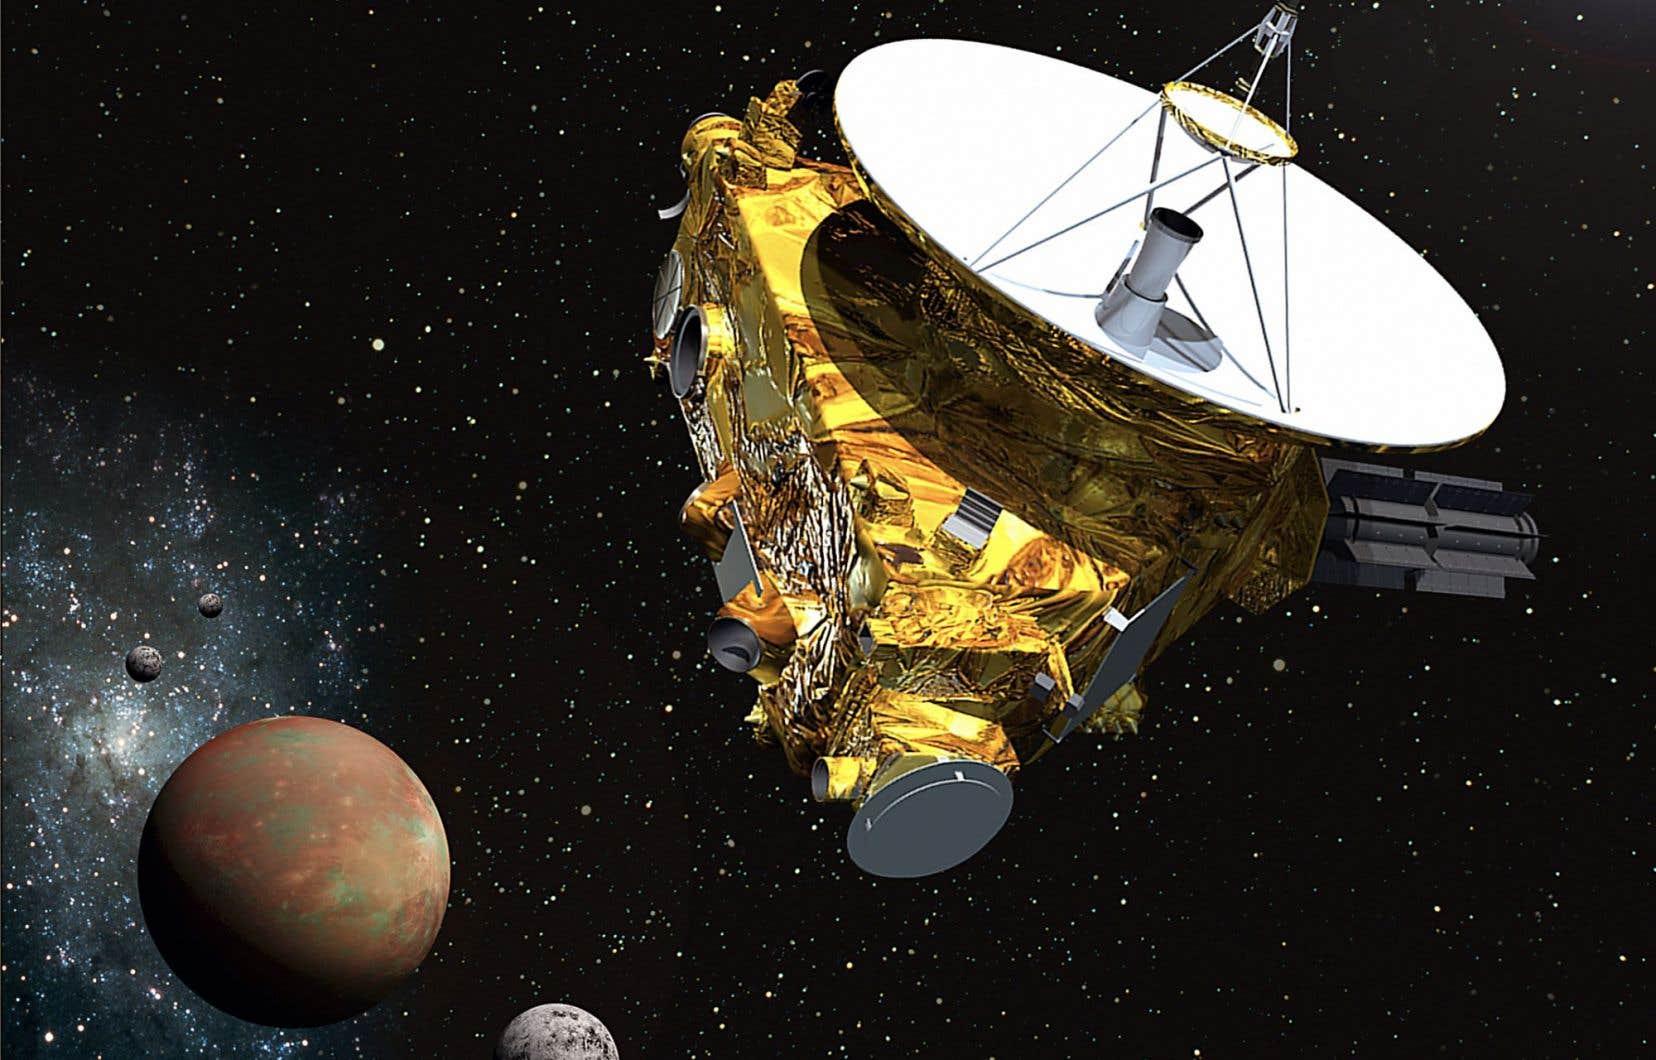 Une représentation graphique montrant la sonde «New Horizons» s'approchant de Pluton et ses trois lunes